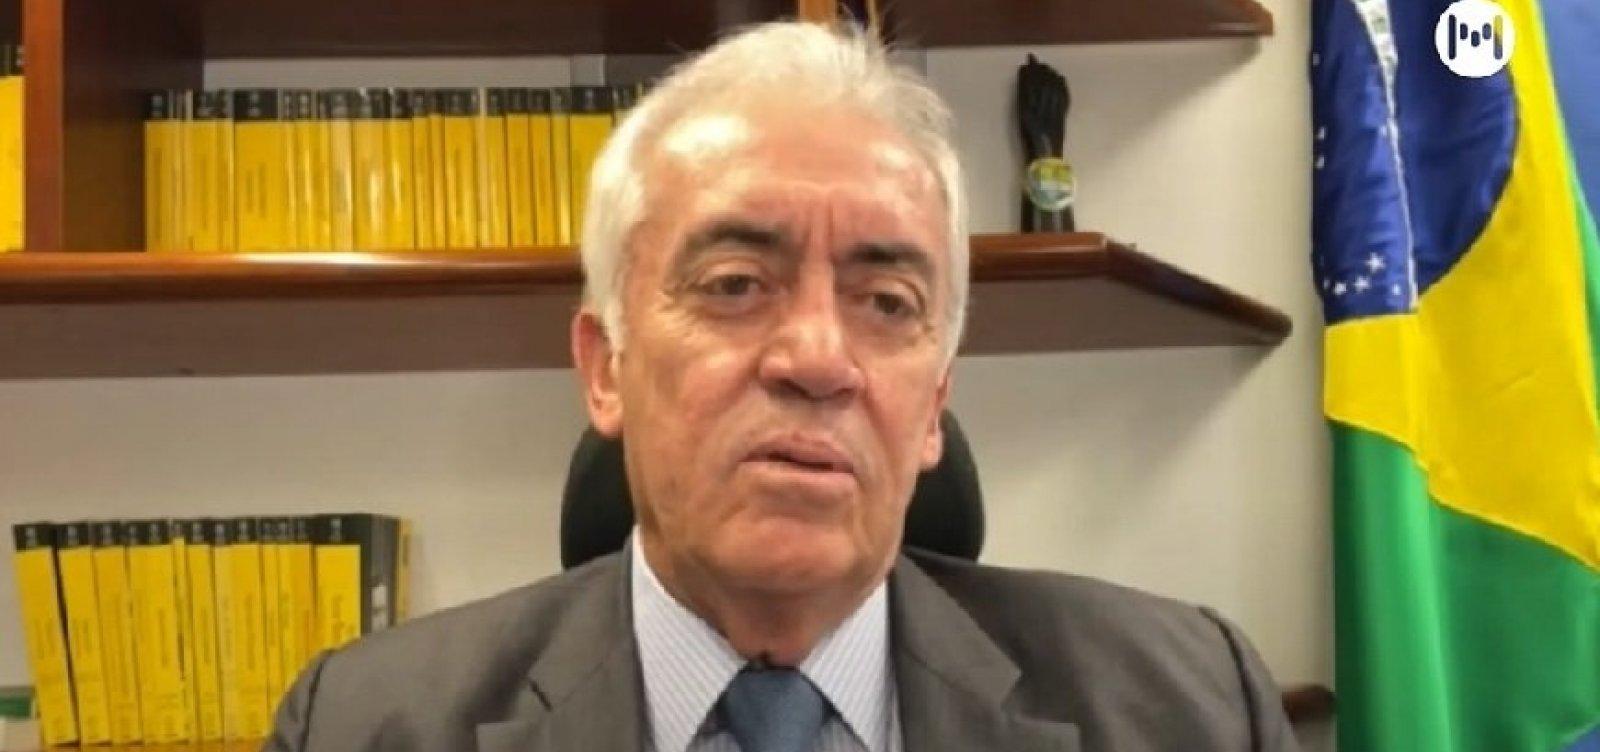 Não serei candidato a vice-governador, diz Otto ao rejeitar composição defendida por Lula